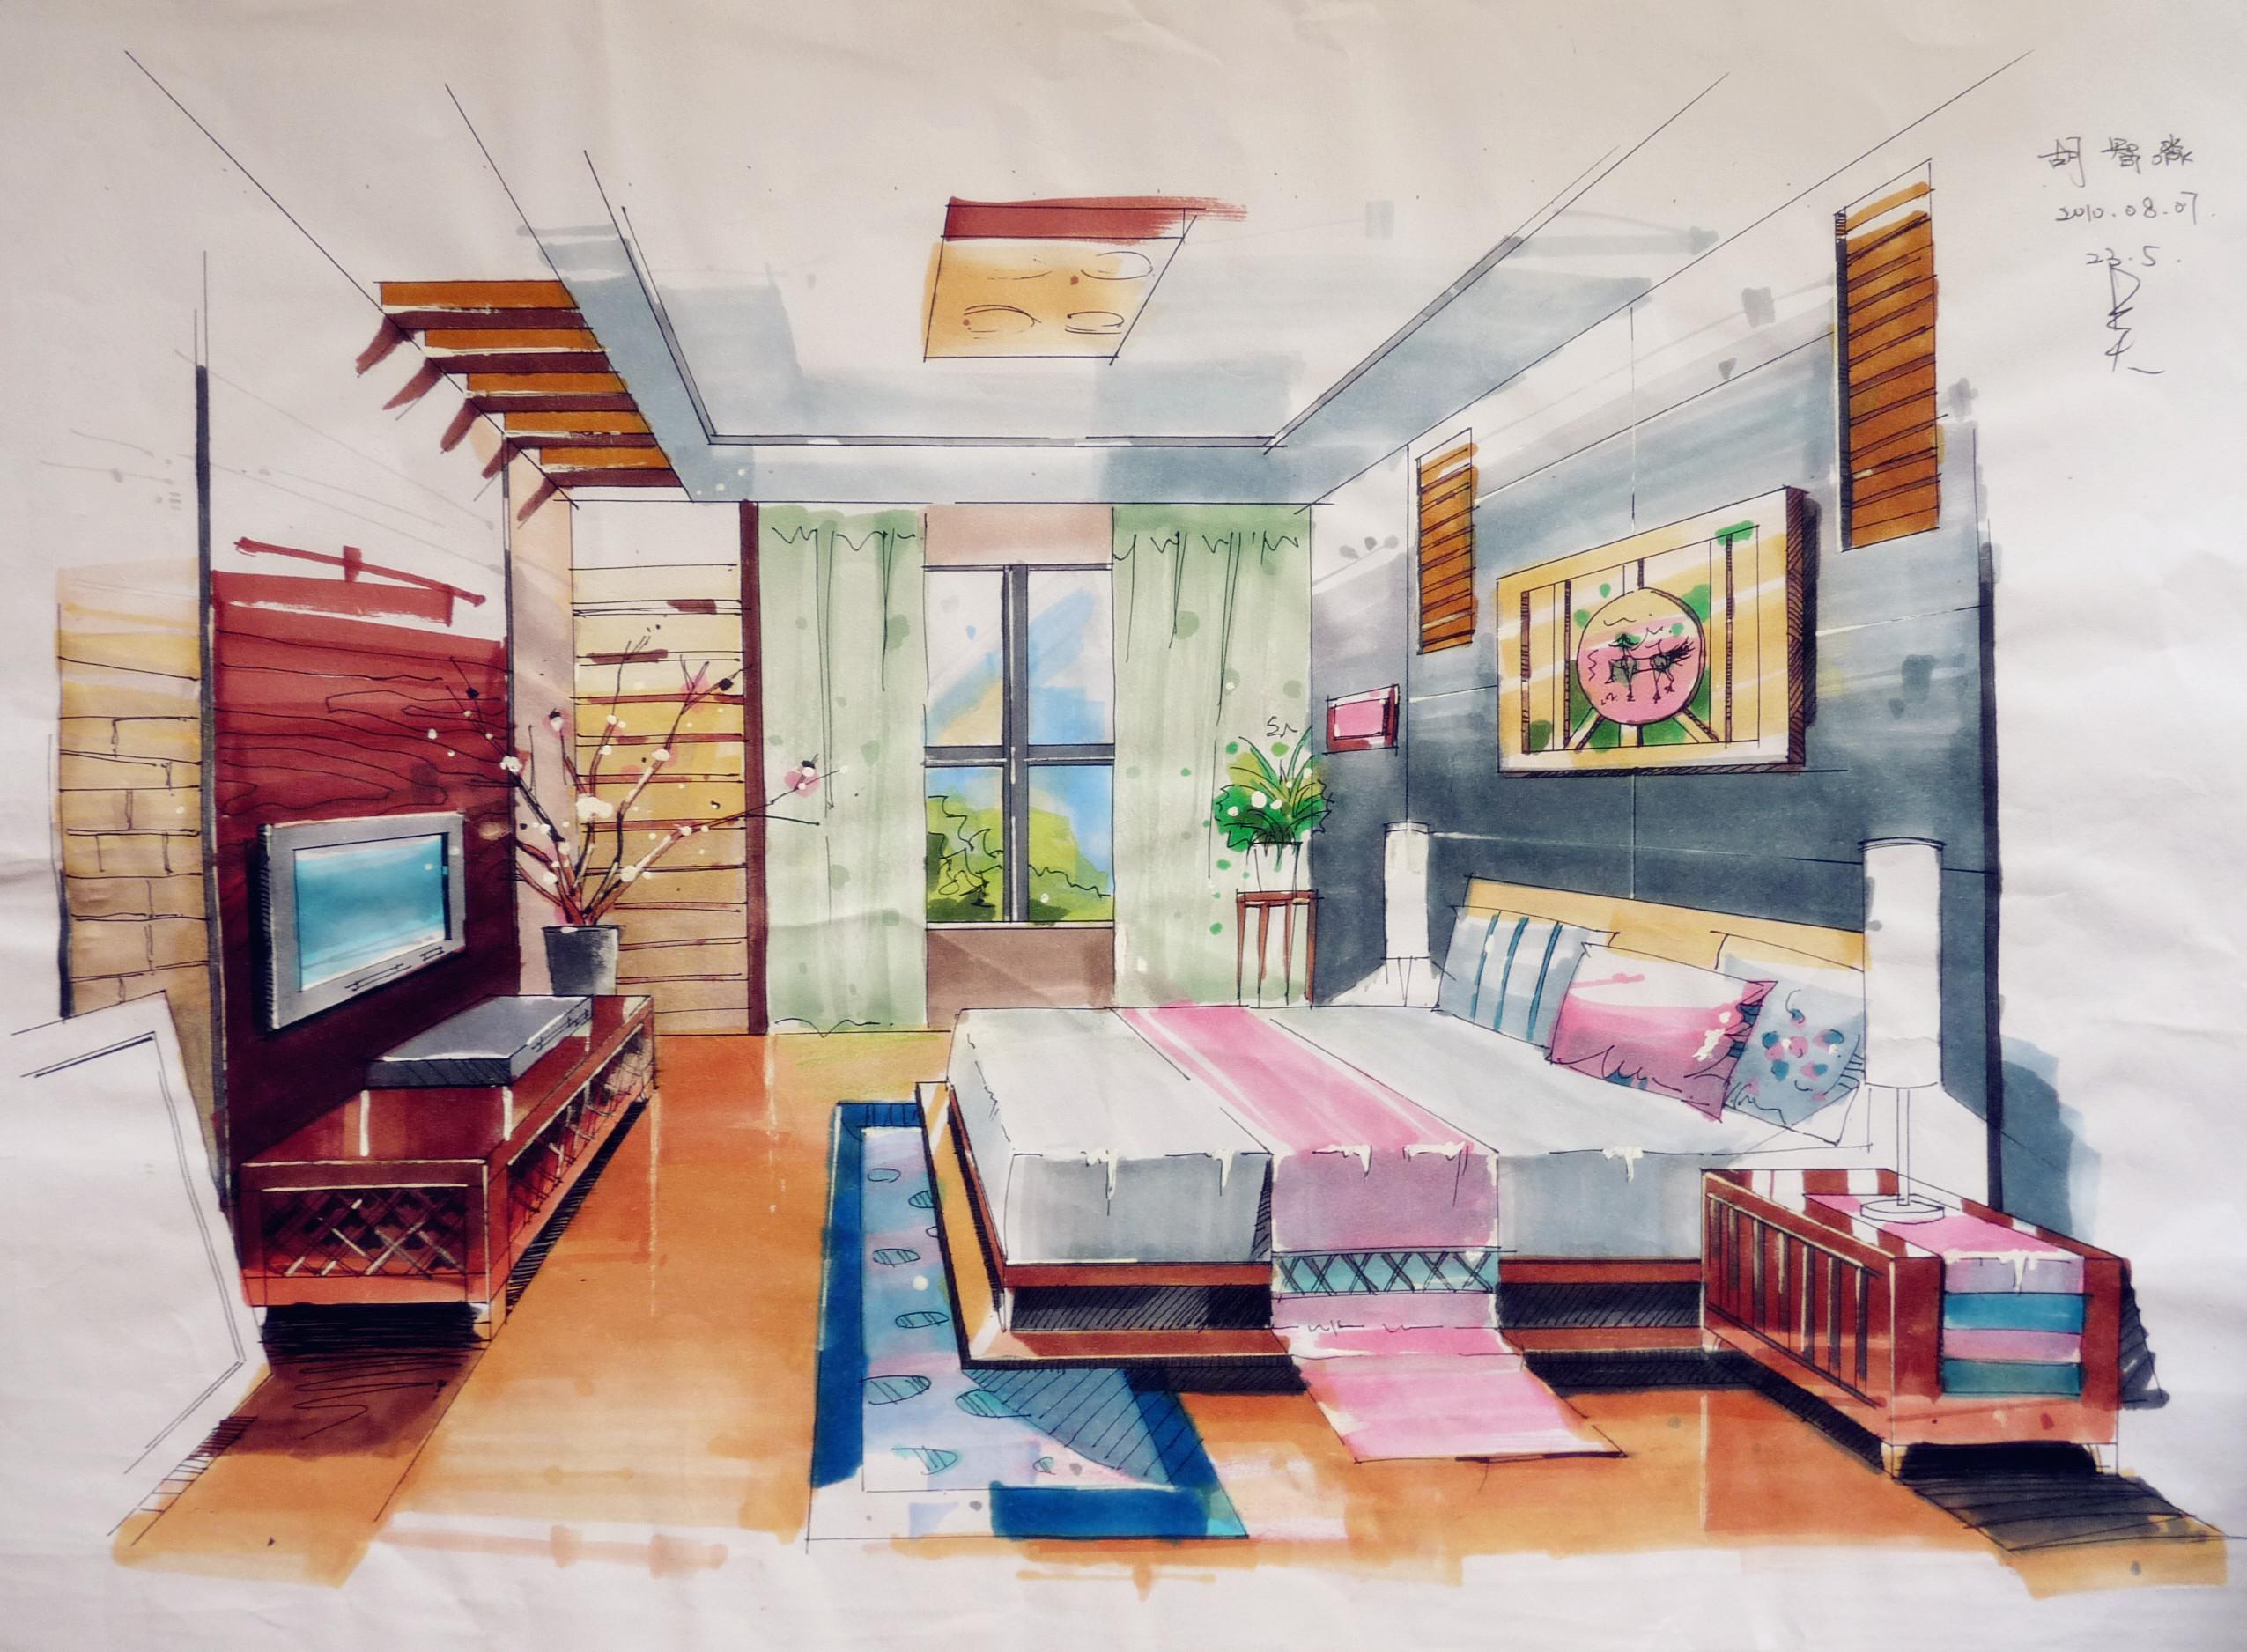 建筑室内—手绘草图